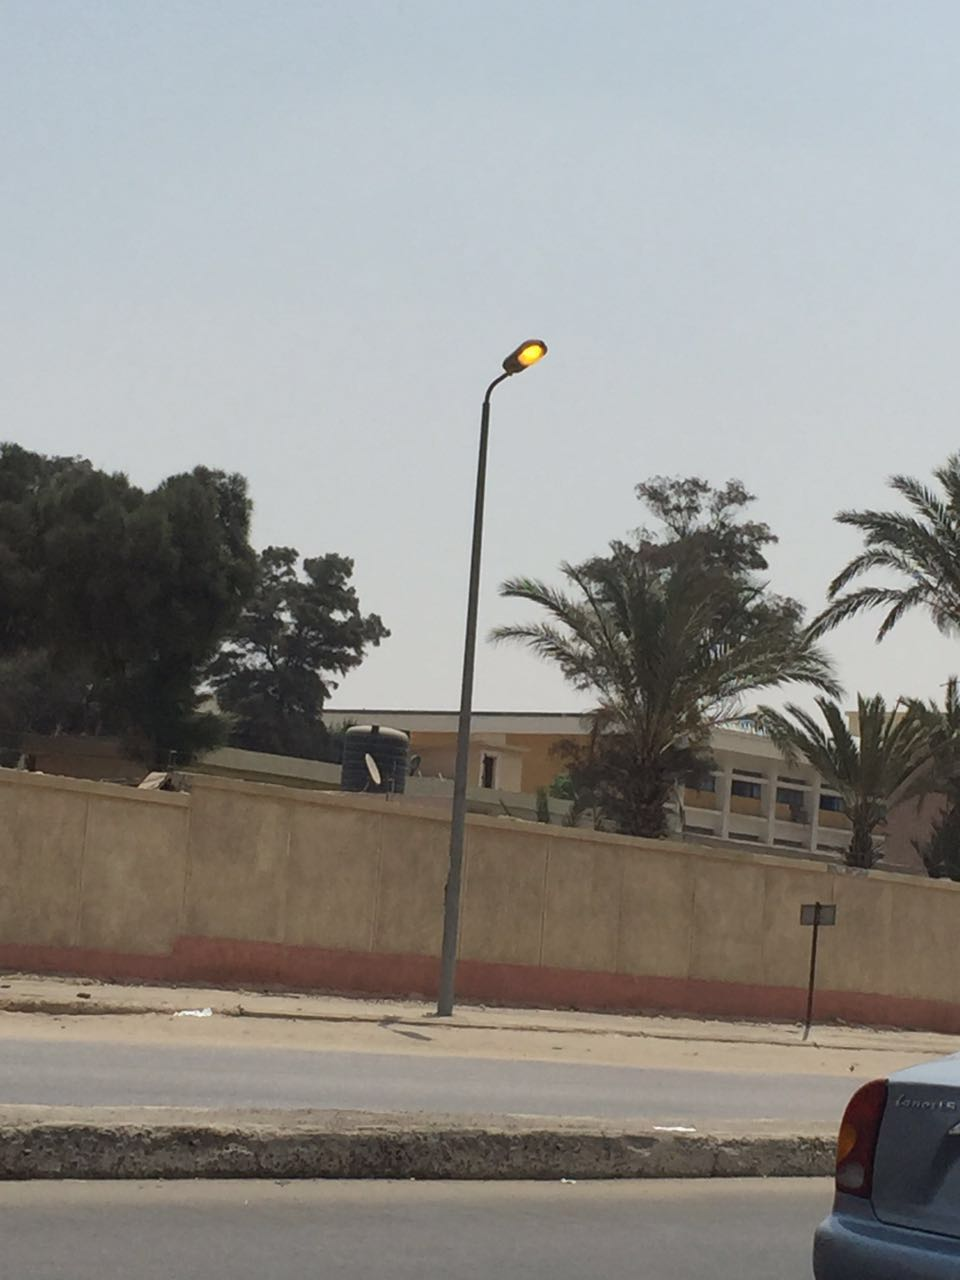 الميكس.. أعمدة إنارة مضاء نهارًا بمدينة نصر وأسفلها منفذ لبيع اللمبات الموفرة (صور)